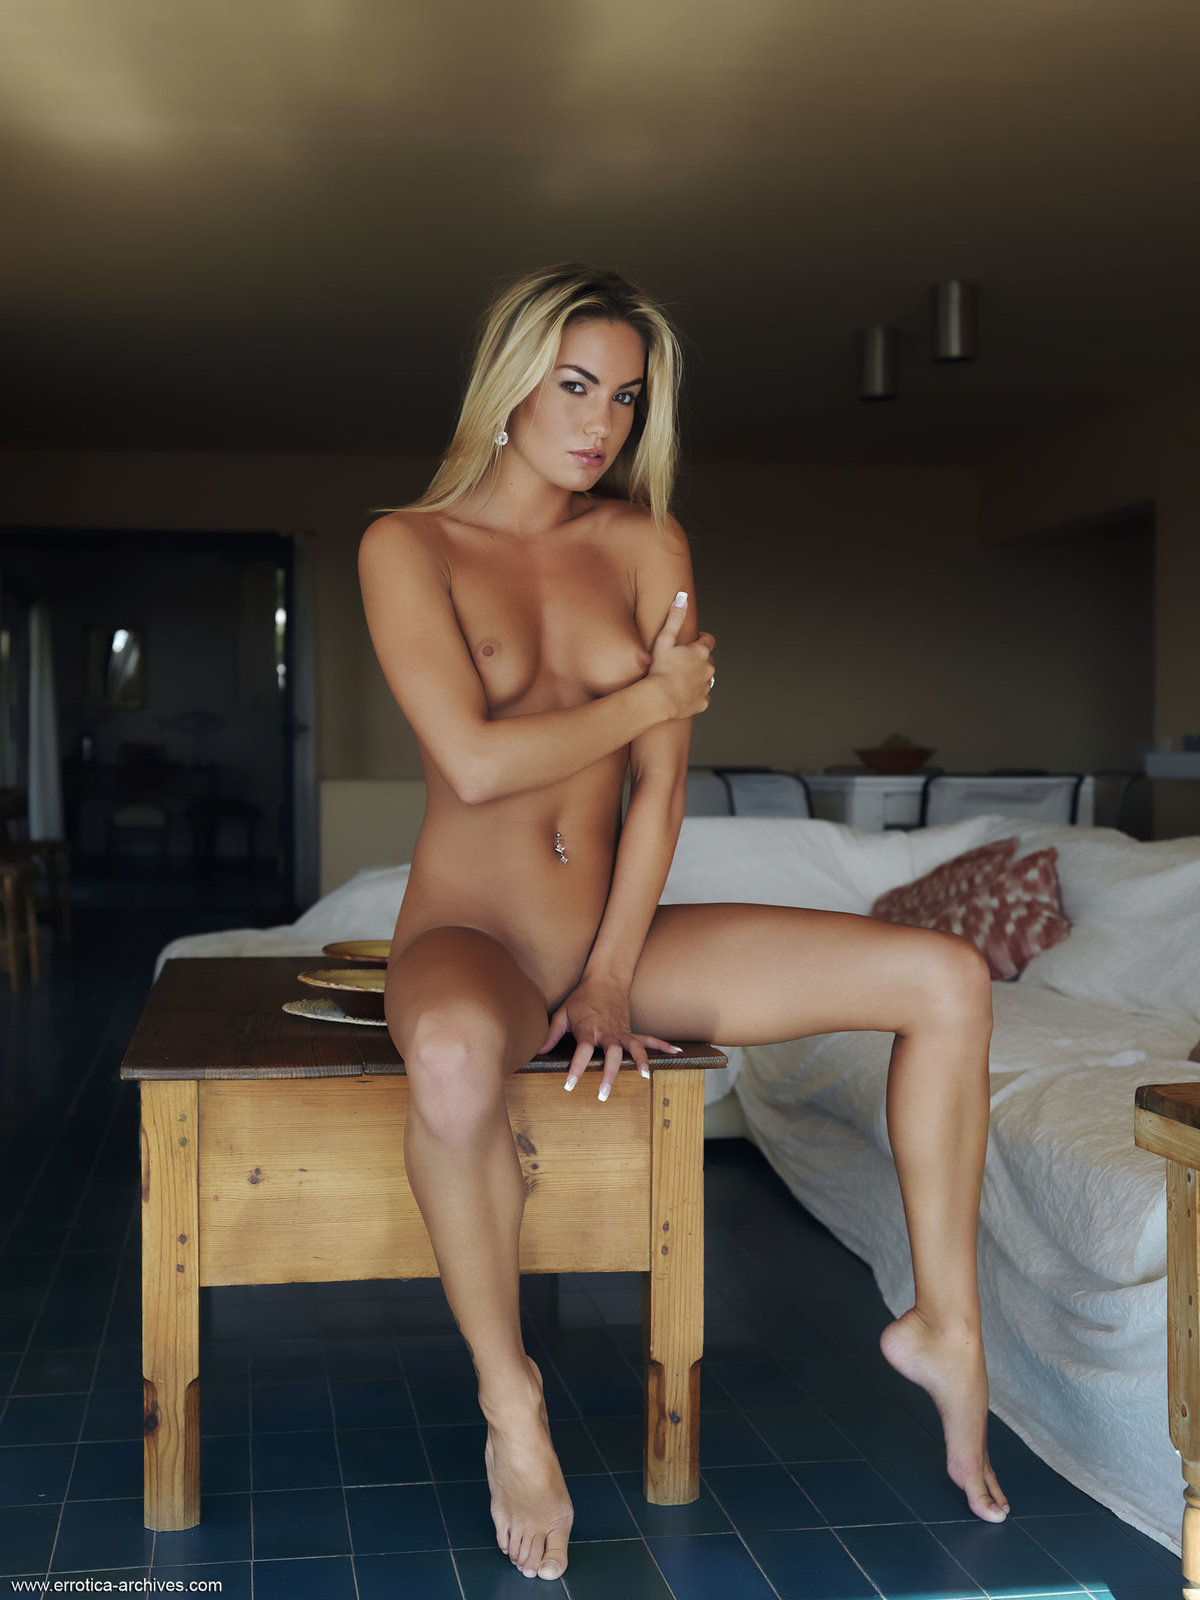 Zdjęcie porno - 1020 - Naga blondi w apartamencie